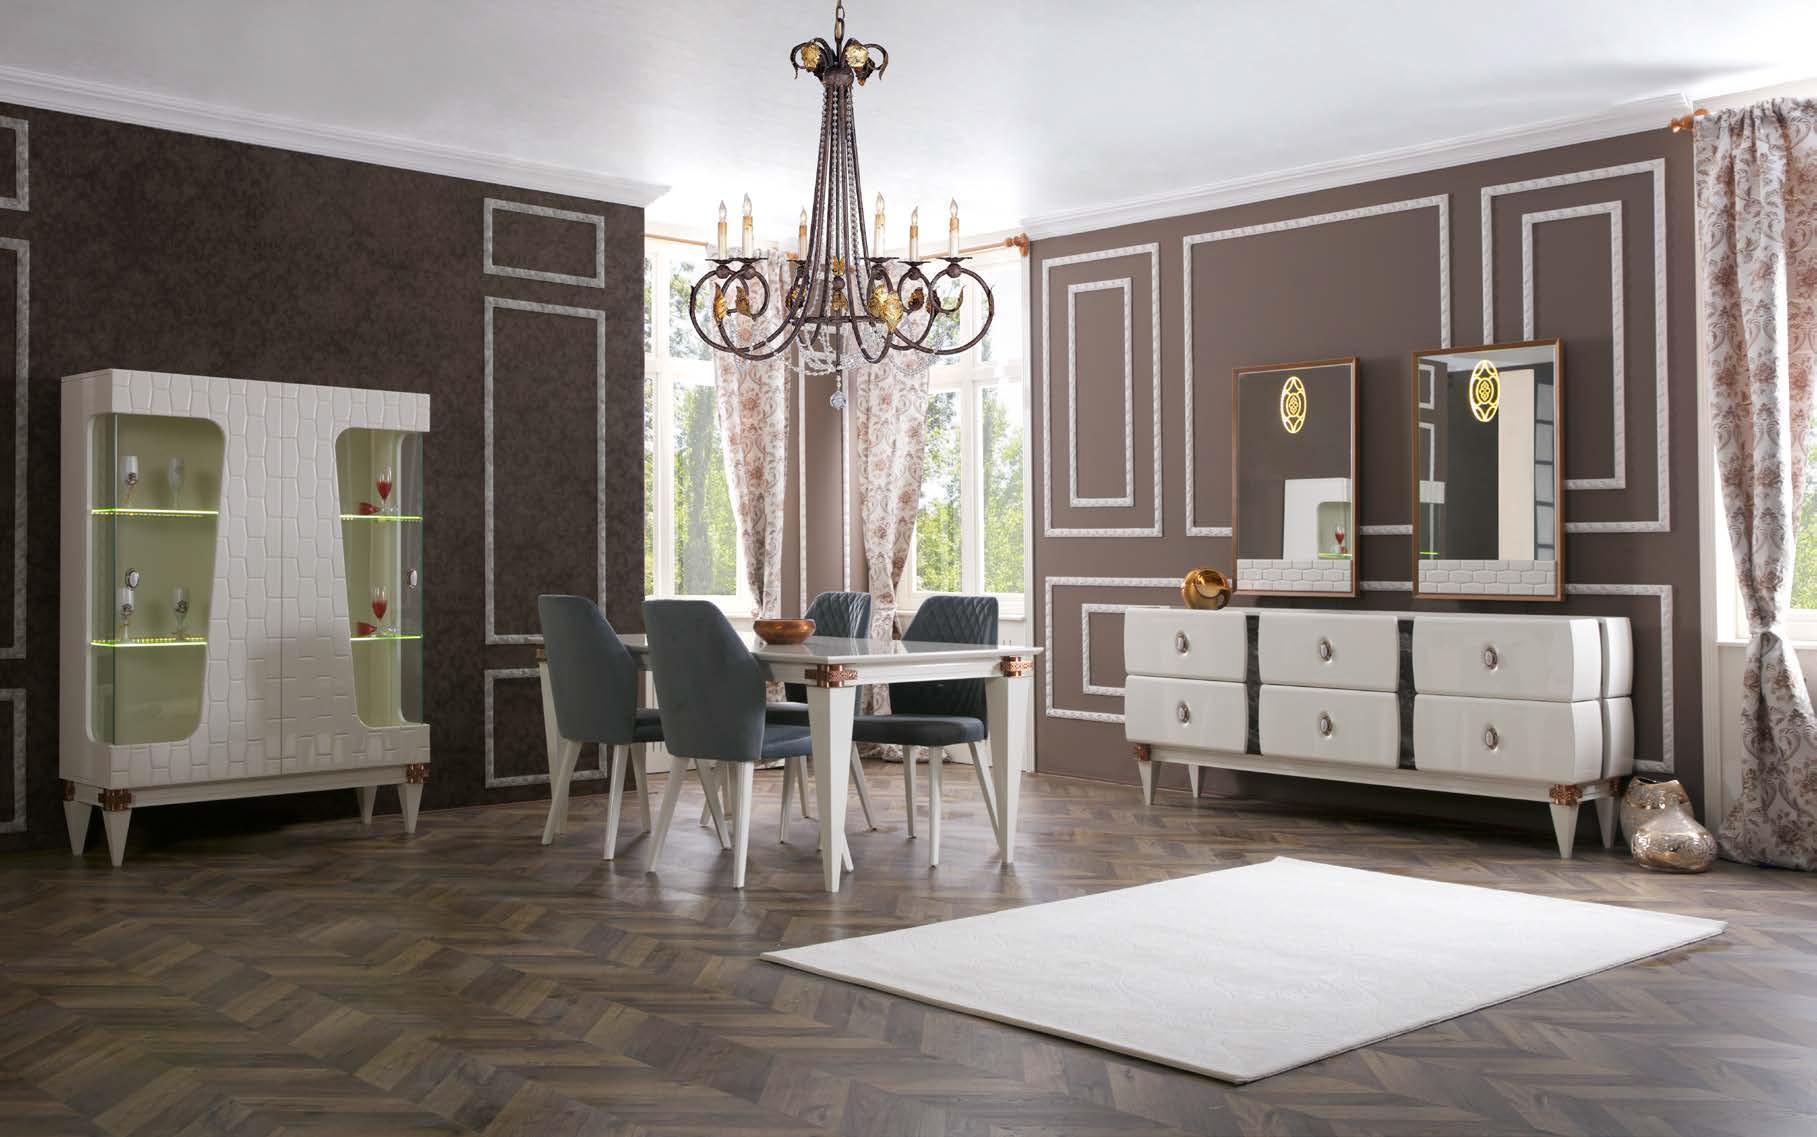 royal mbel essen stunning deign mbel with royal mbel essen trendy interesting parador vinyl. Black Bedroom Furniture Sets. Home Design Ideas